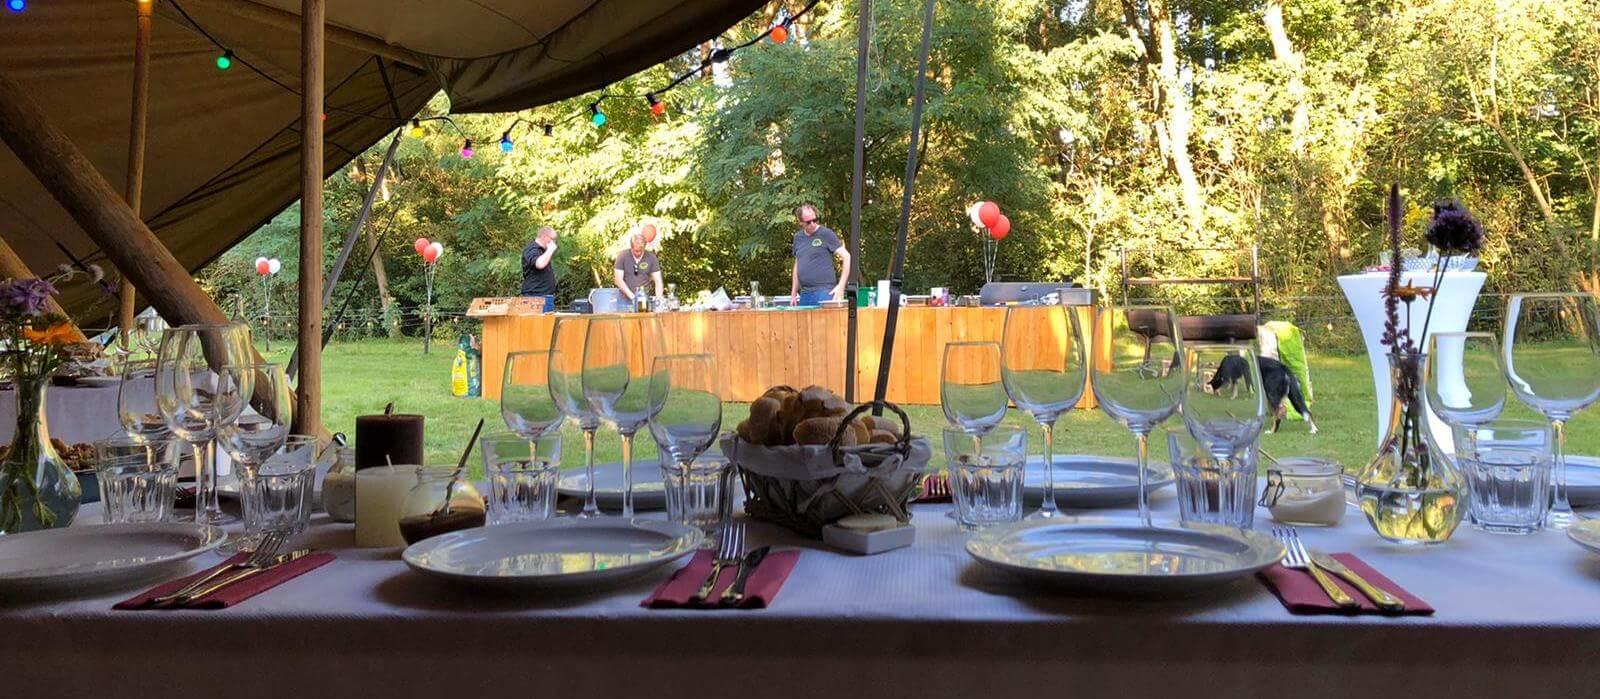 duurzame catering op bruiloft